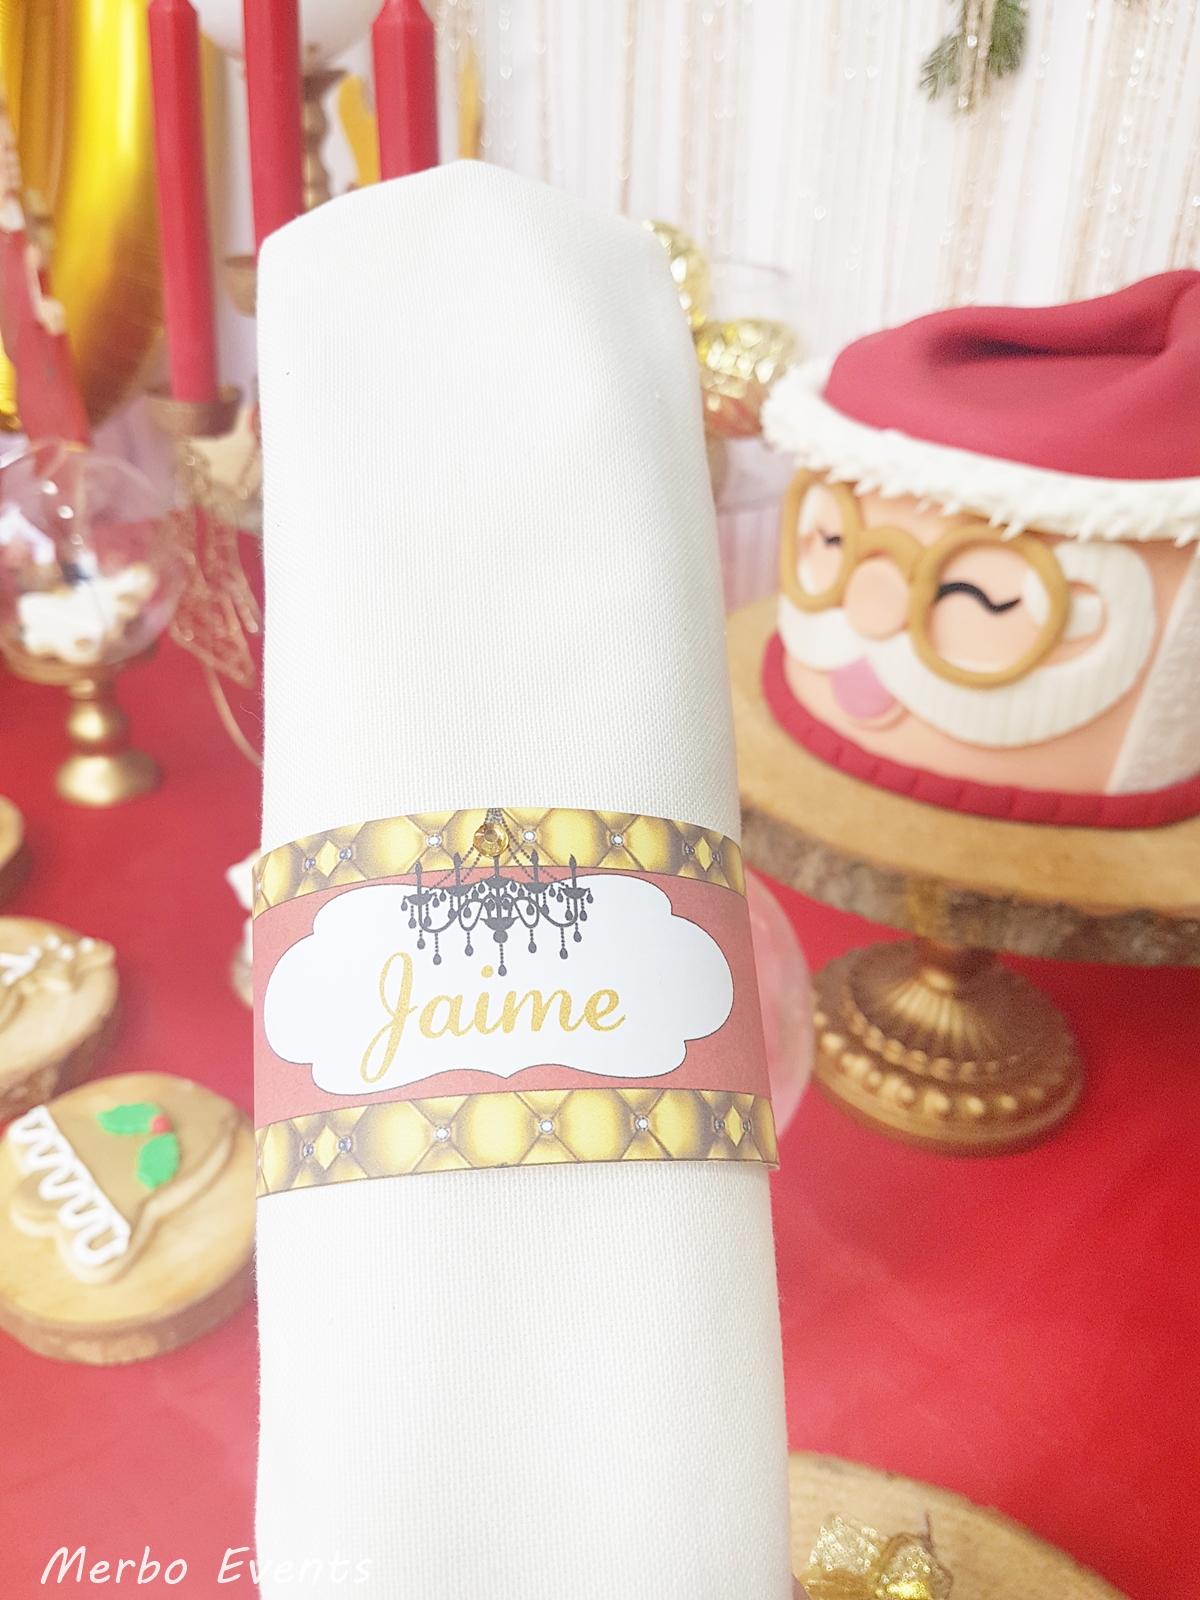 Imprimible decoración Navidad Merbo Events